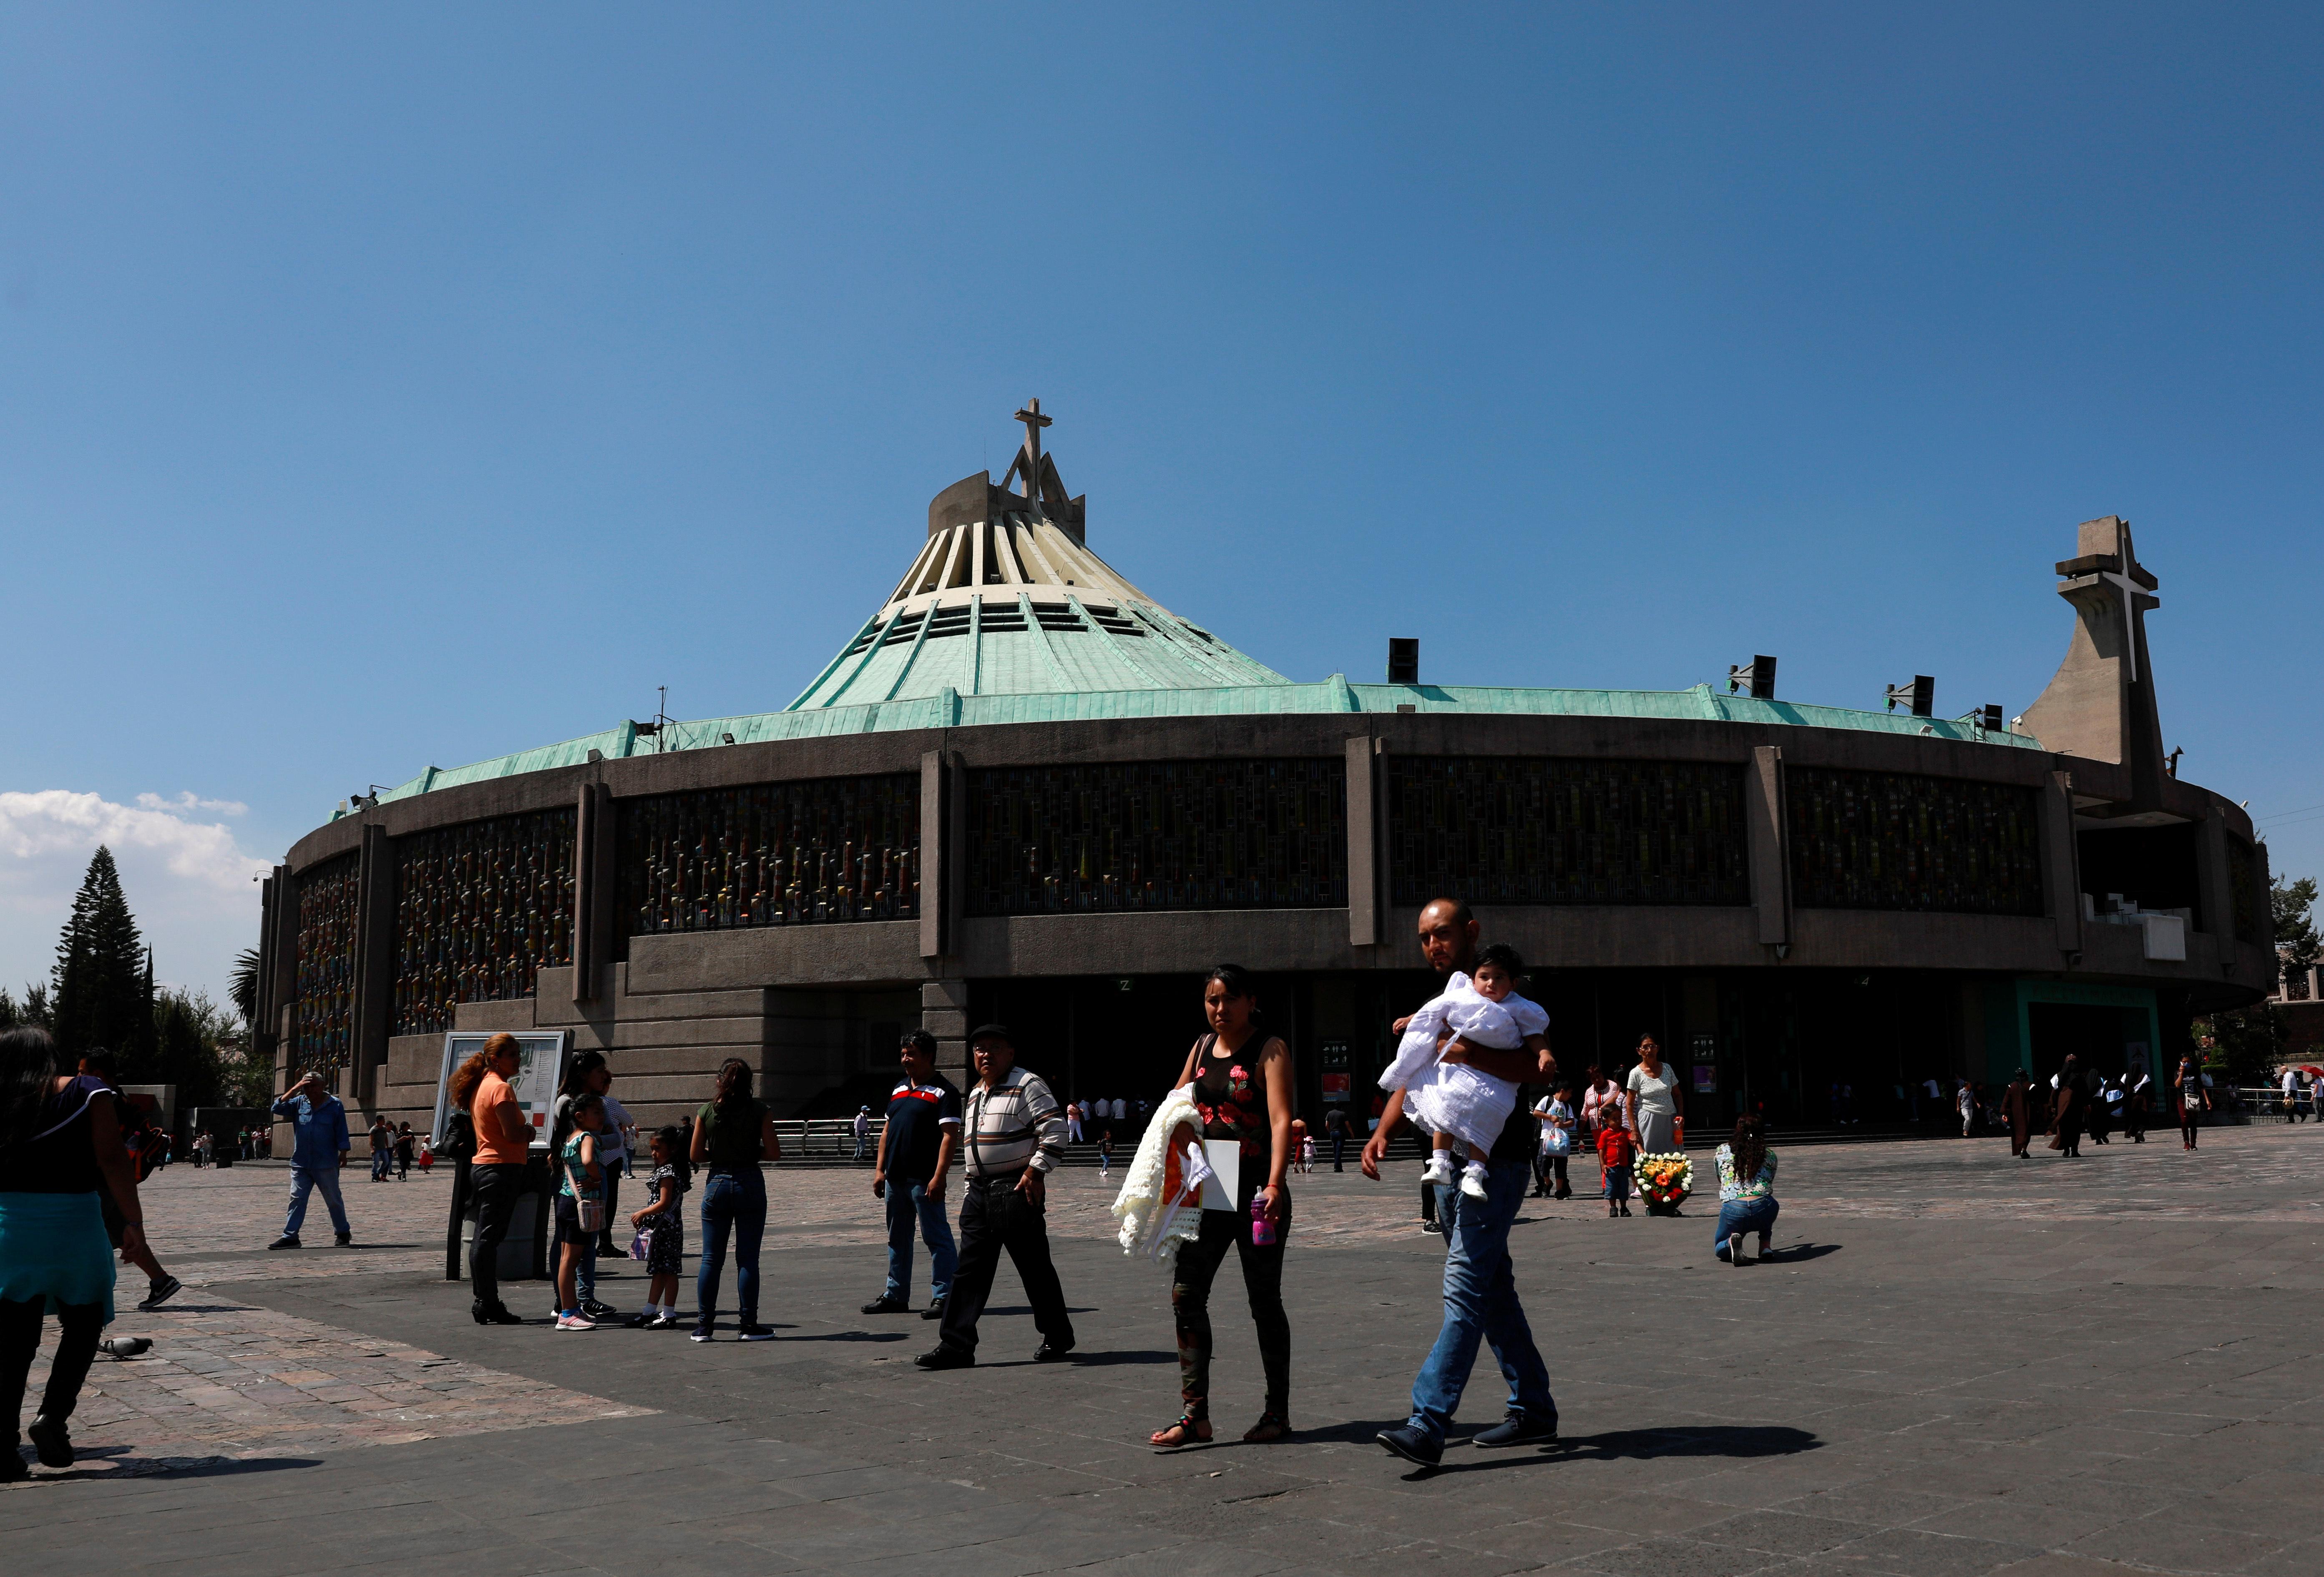 La gente camina afuera de la Basílica de Nuestra Señora de Guadalupe, después de que algunas iglesias se cerraron mientras continúa la propagación de la enfermedad por coronavirus (COVID-19), en la Ciudad de México, México, 22 de marzo de 2020.